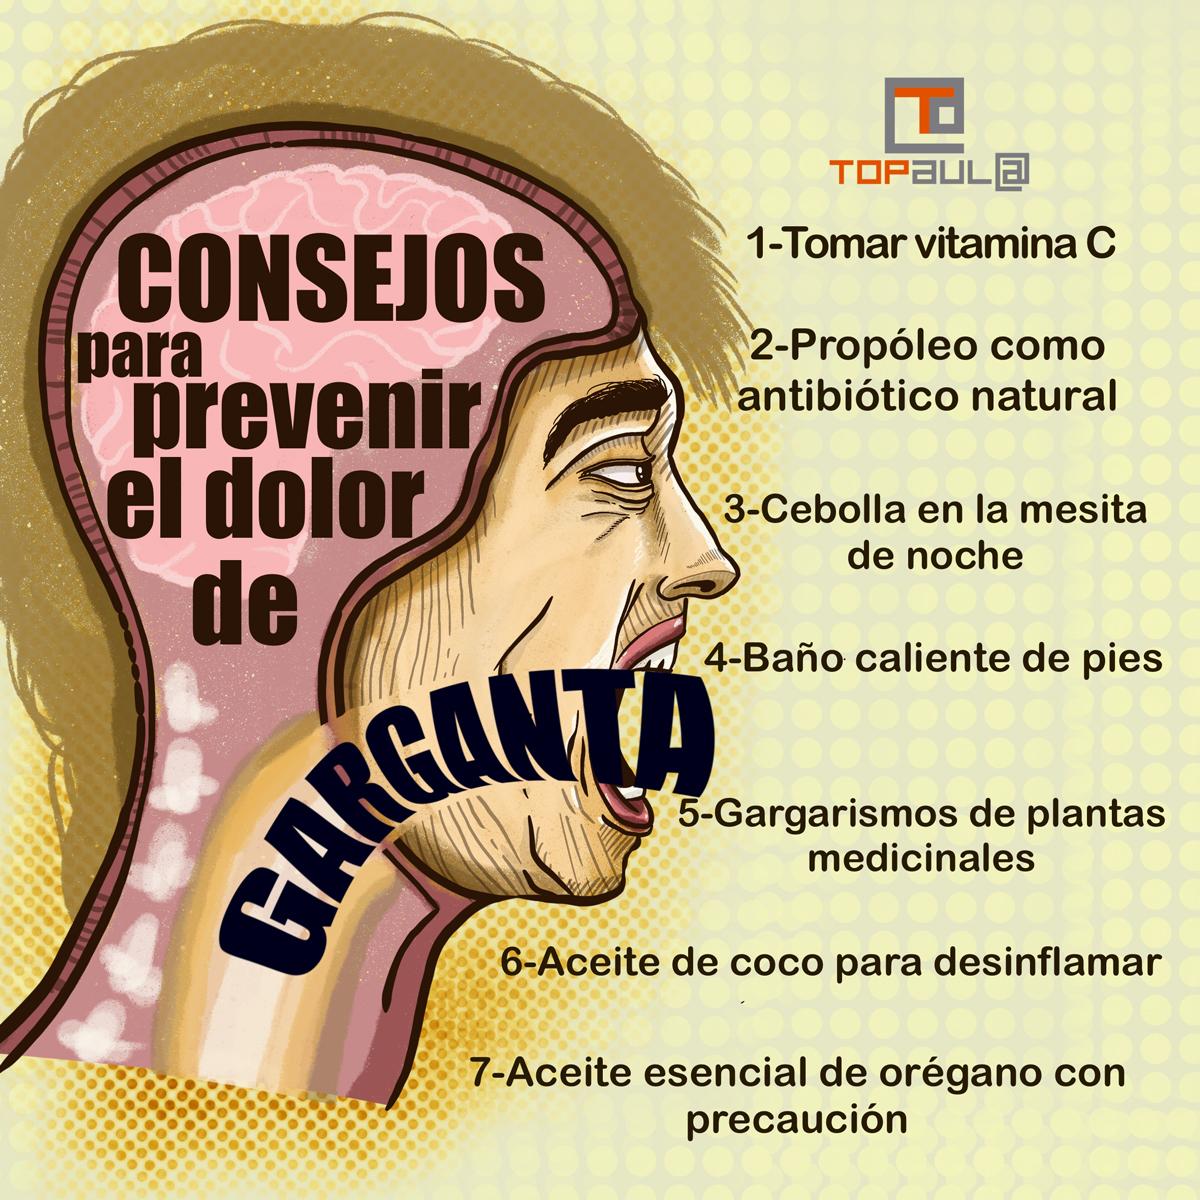 Infografía Consejos para prevenir el dolor de garganta - www.topaulasalud.com